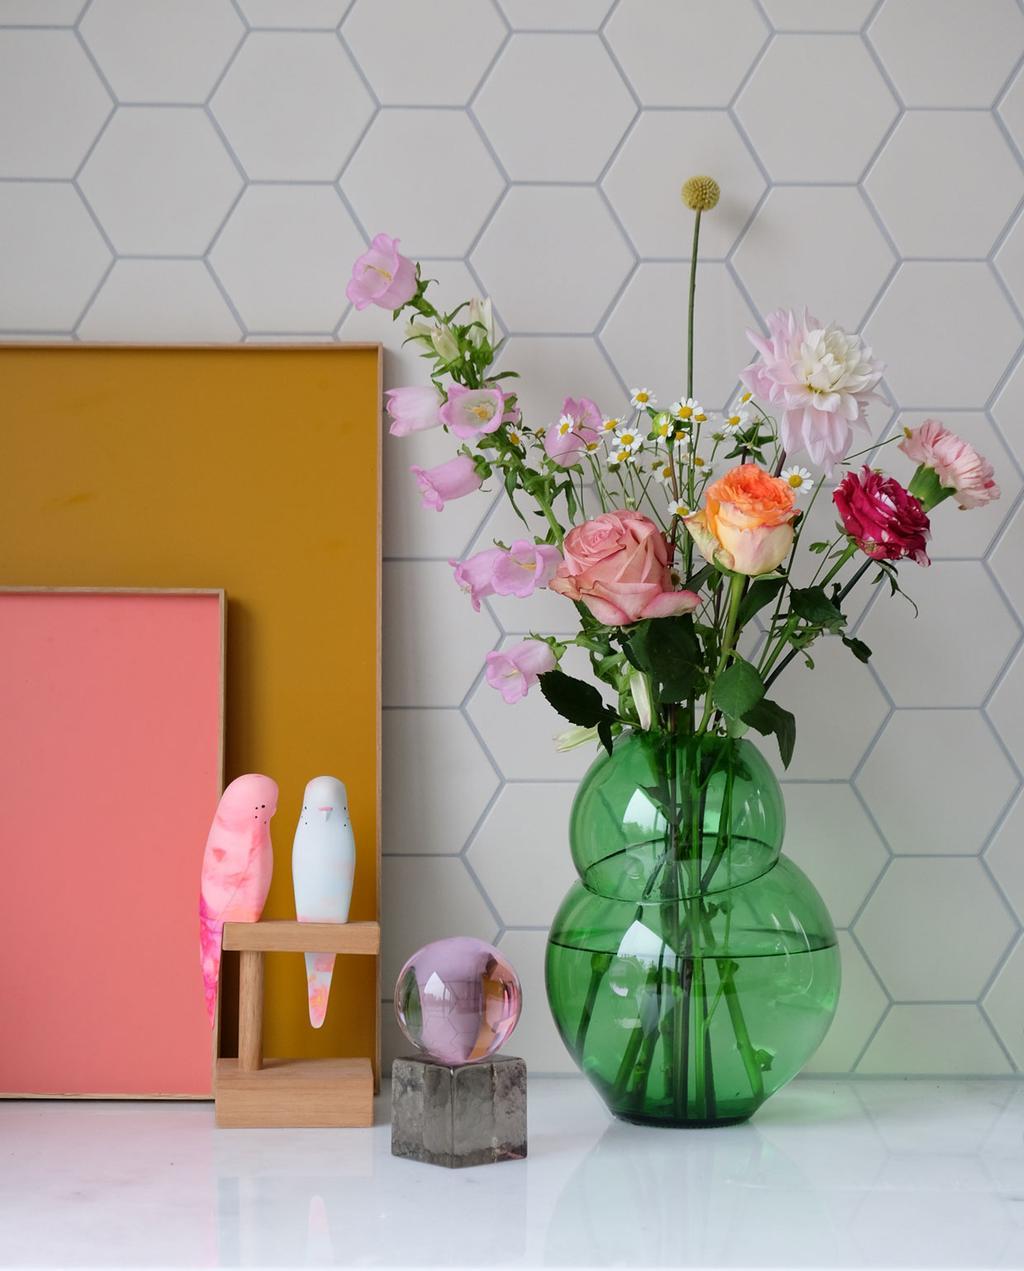 vtwonen | blog PRCHTG swedisch ninja oh my groen vaas met bloemen